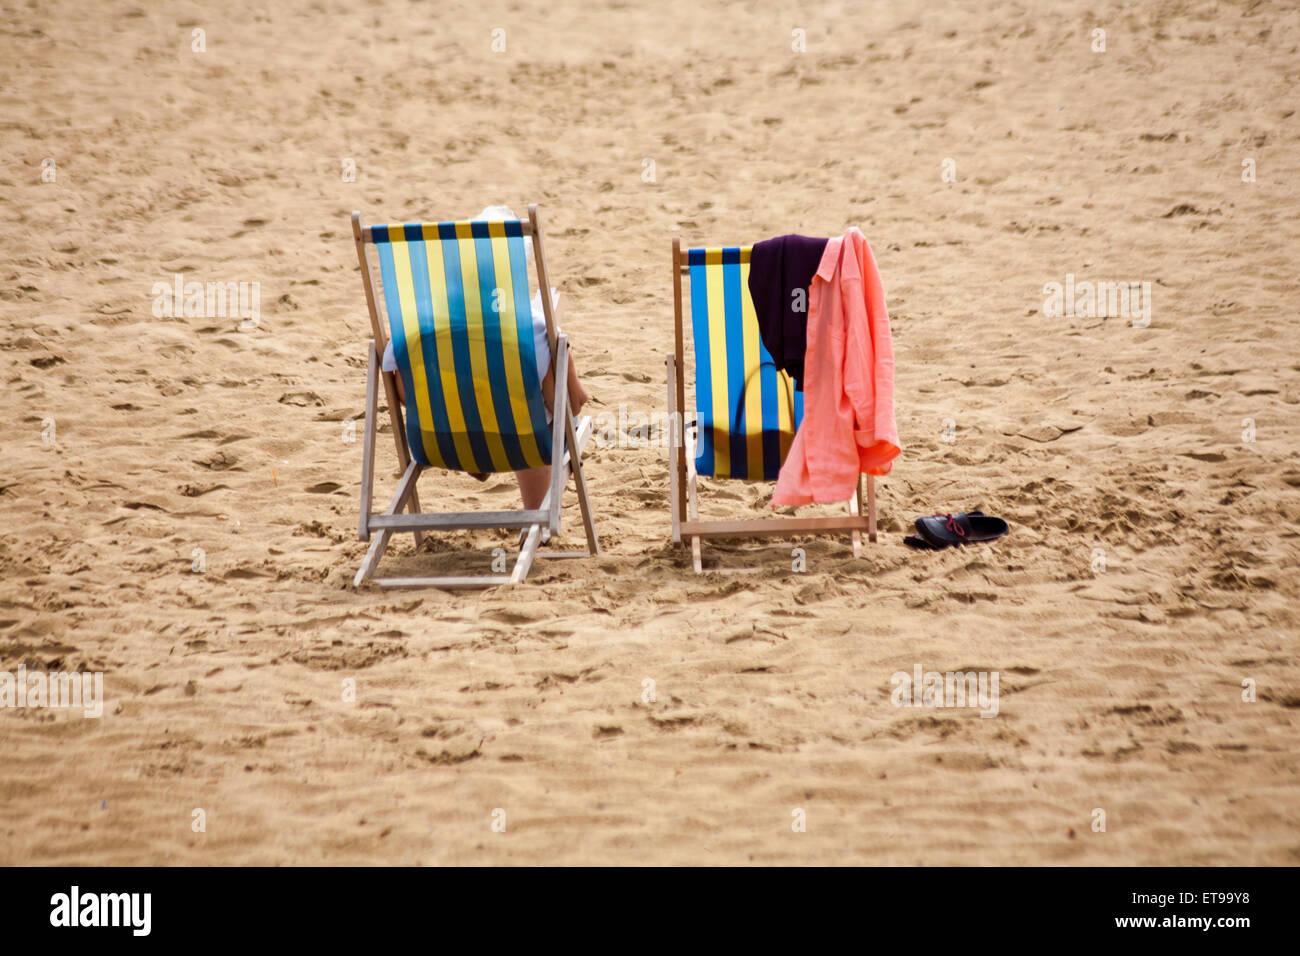 Bournemouth, Dorset, UK 12 June 2015. UK weather: Hazy, hot and humid at Bournemouth Beach, Dorset, UK  Credit: - Stock Image